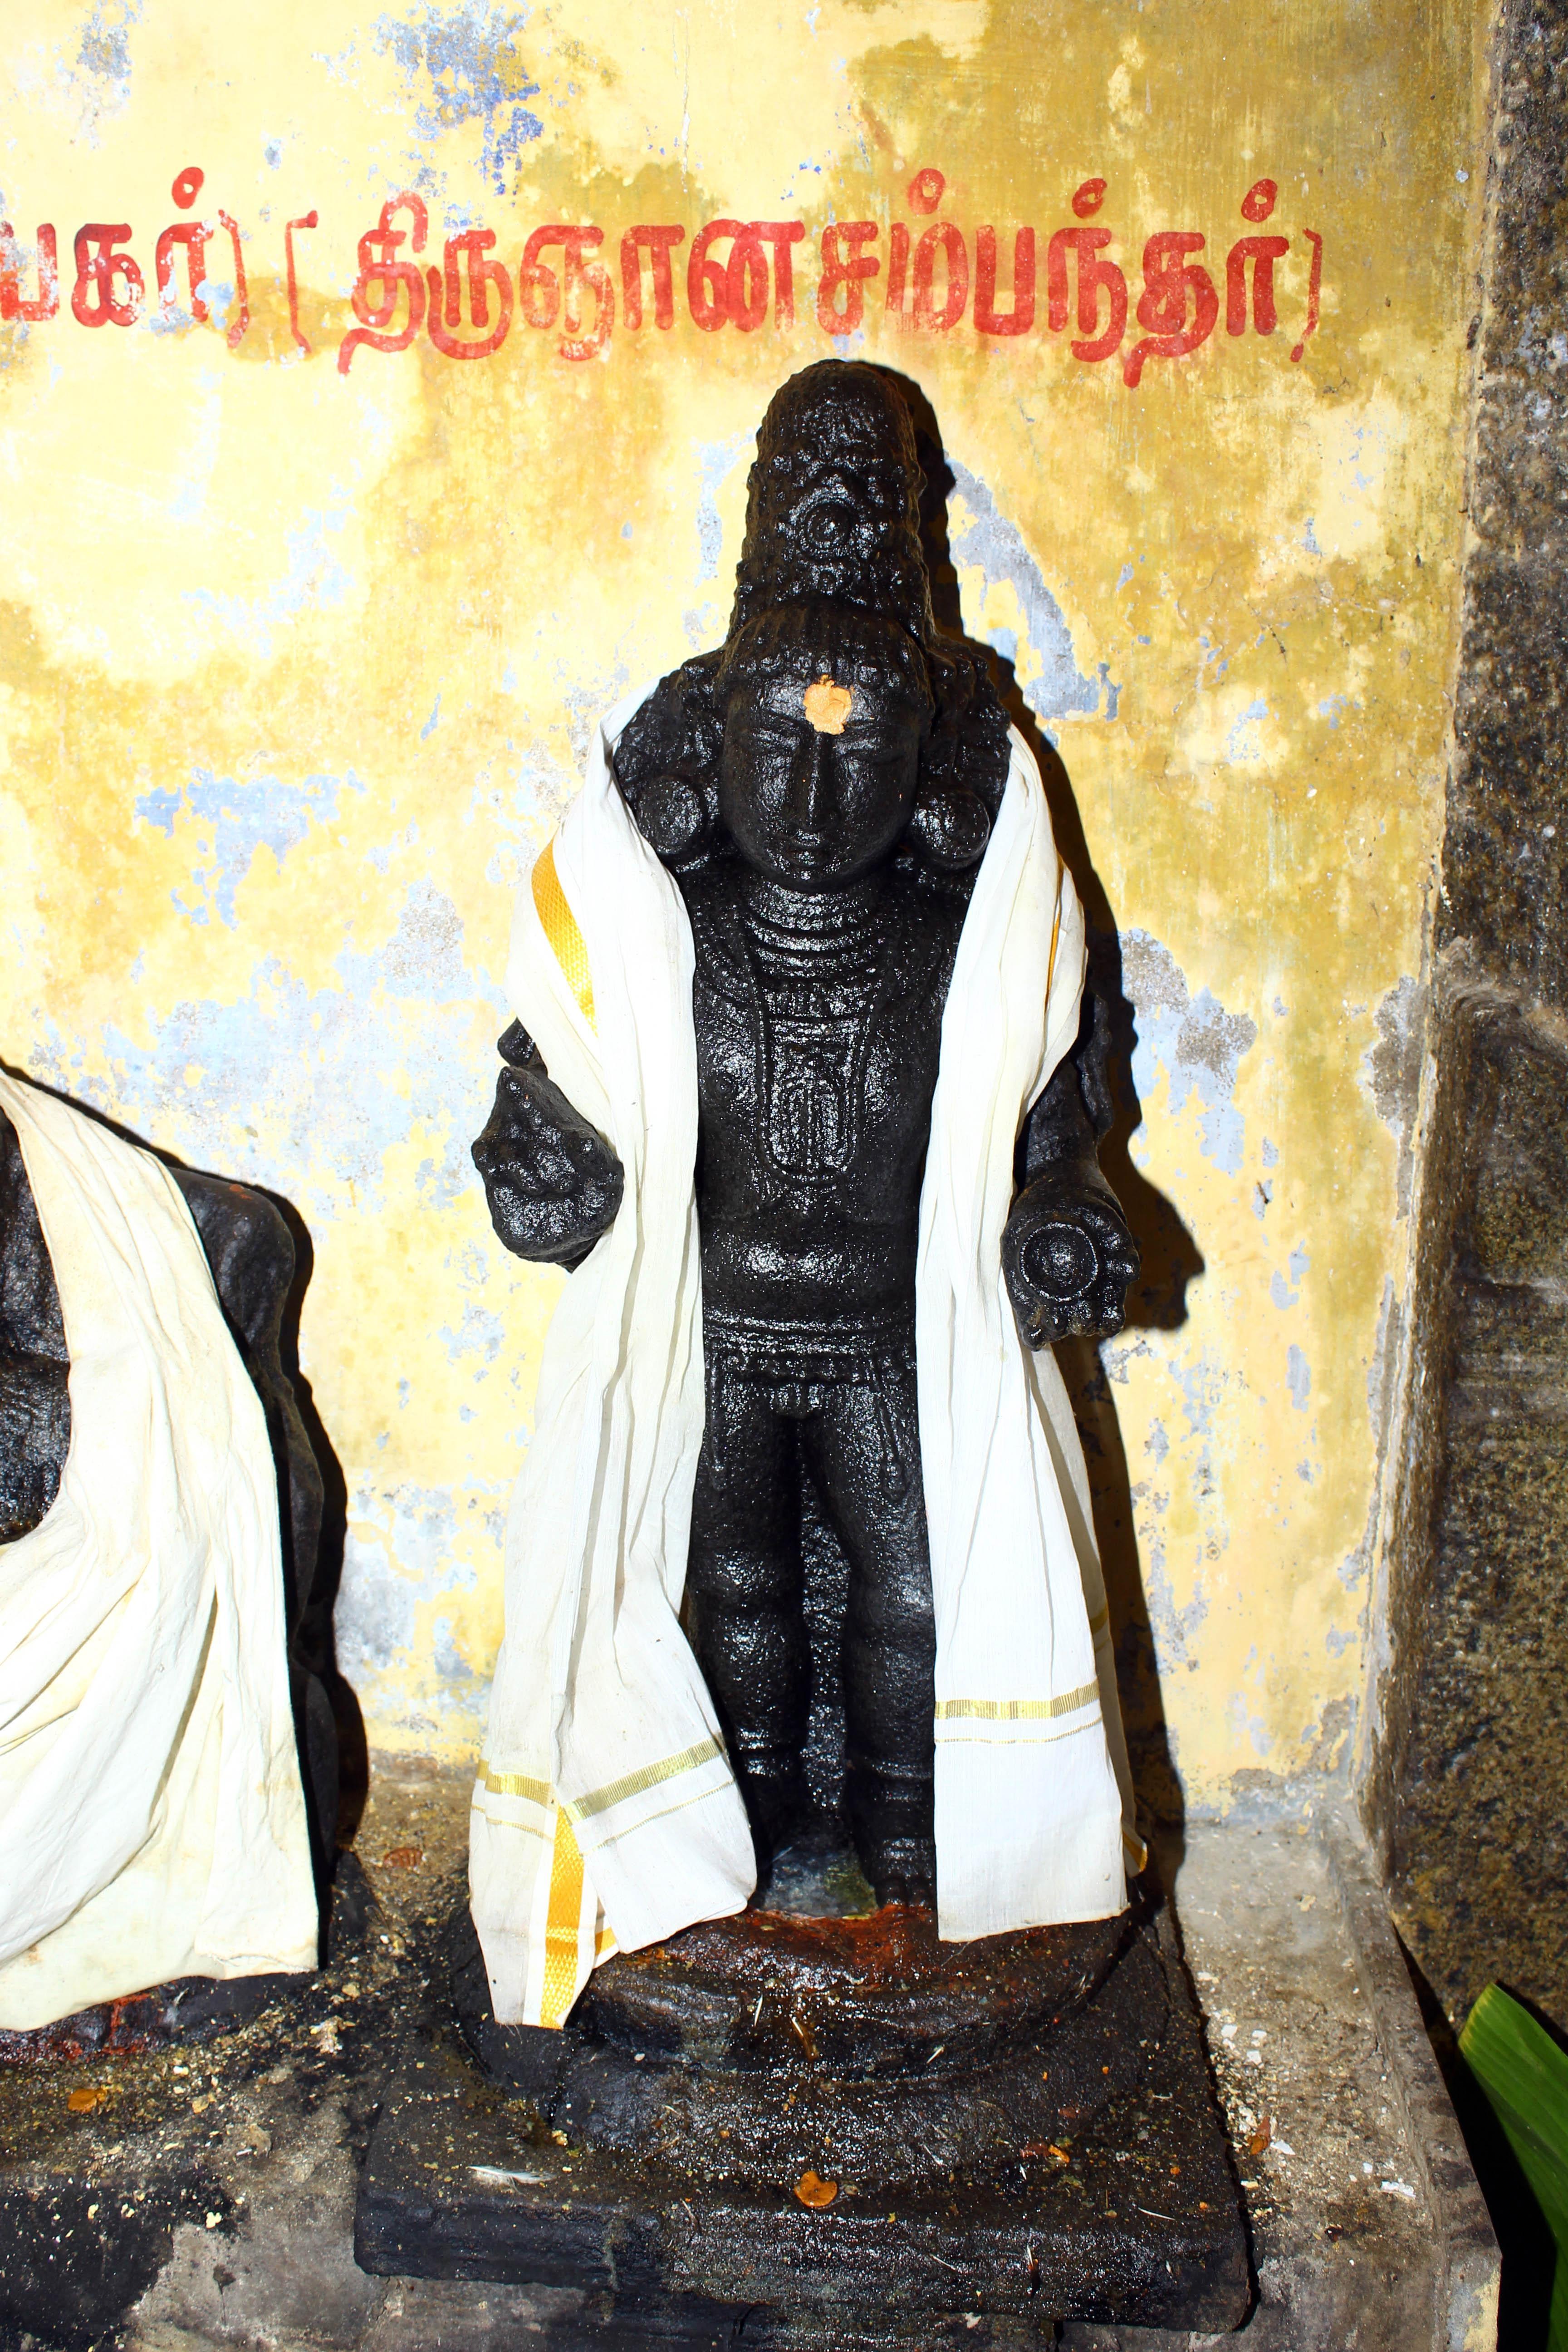 திருஞானசம்பந்தர்